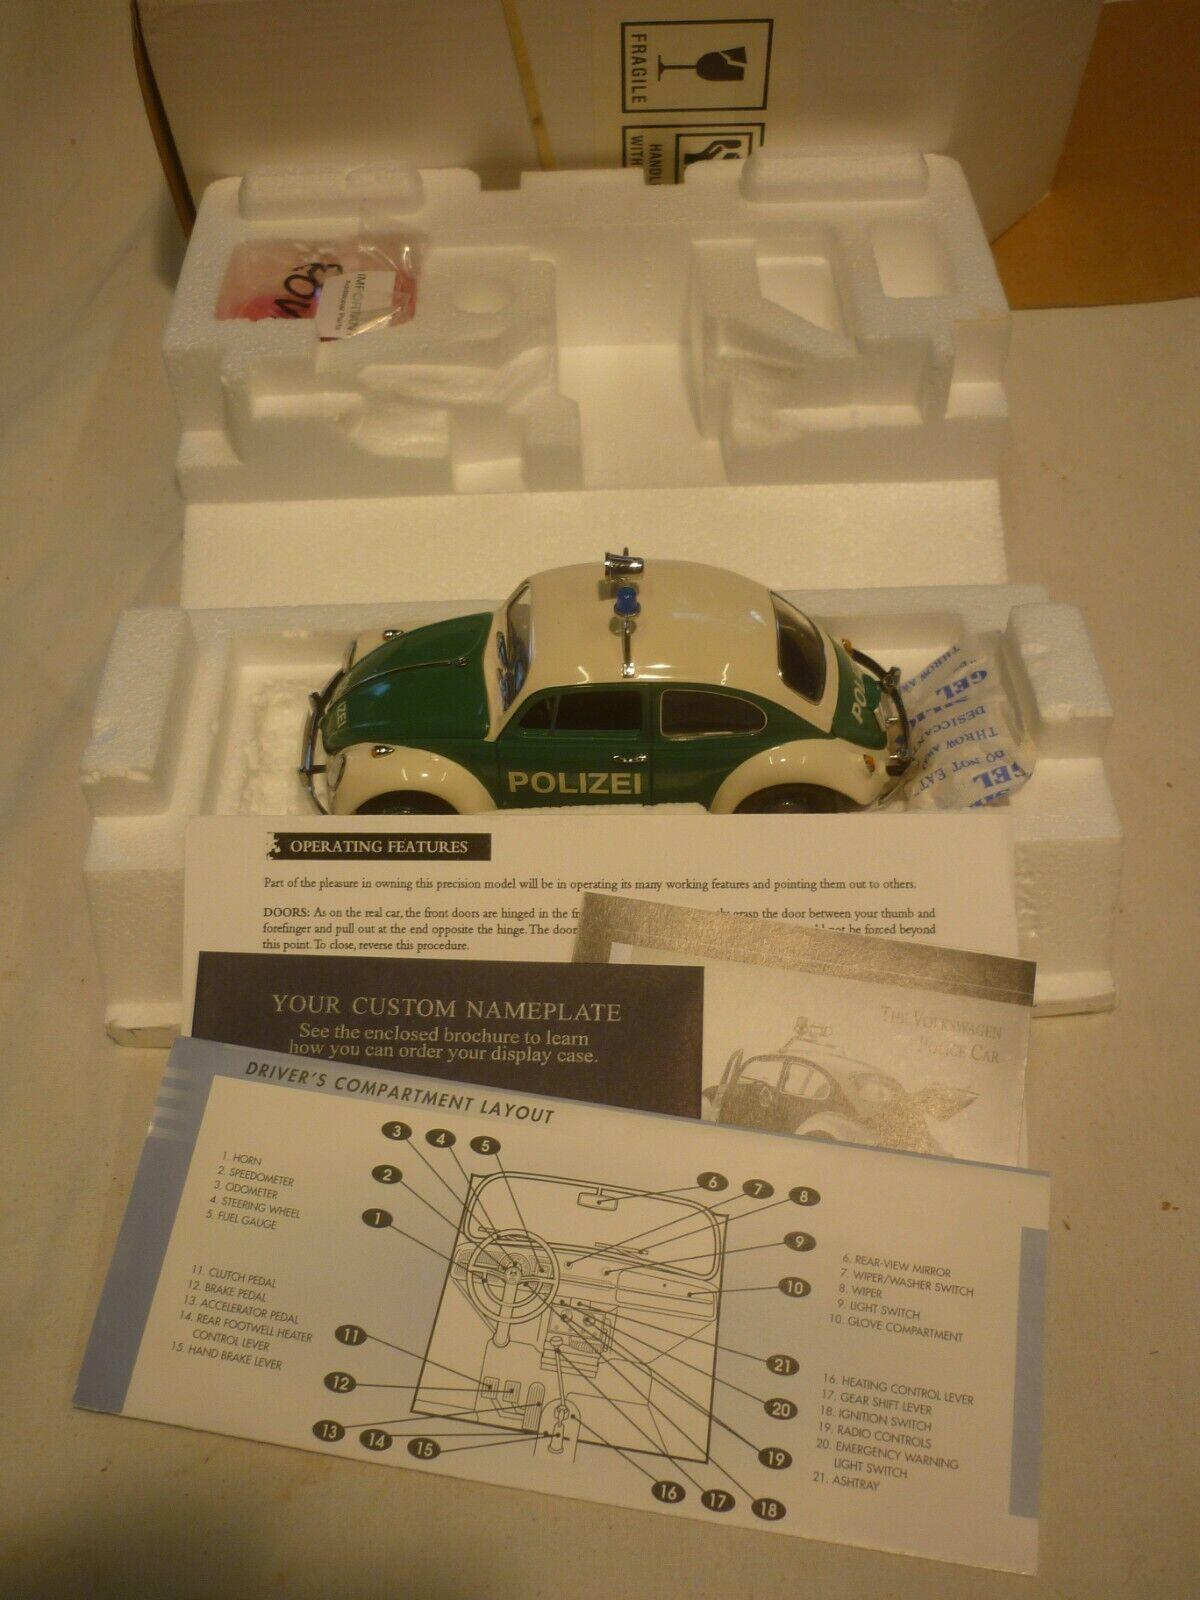 Un Franklin Comme neuf scale model of a 1967 Volkswagen Beetle de police, Boîte Et Papiers